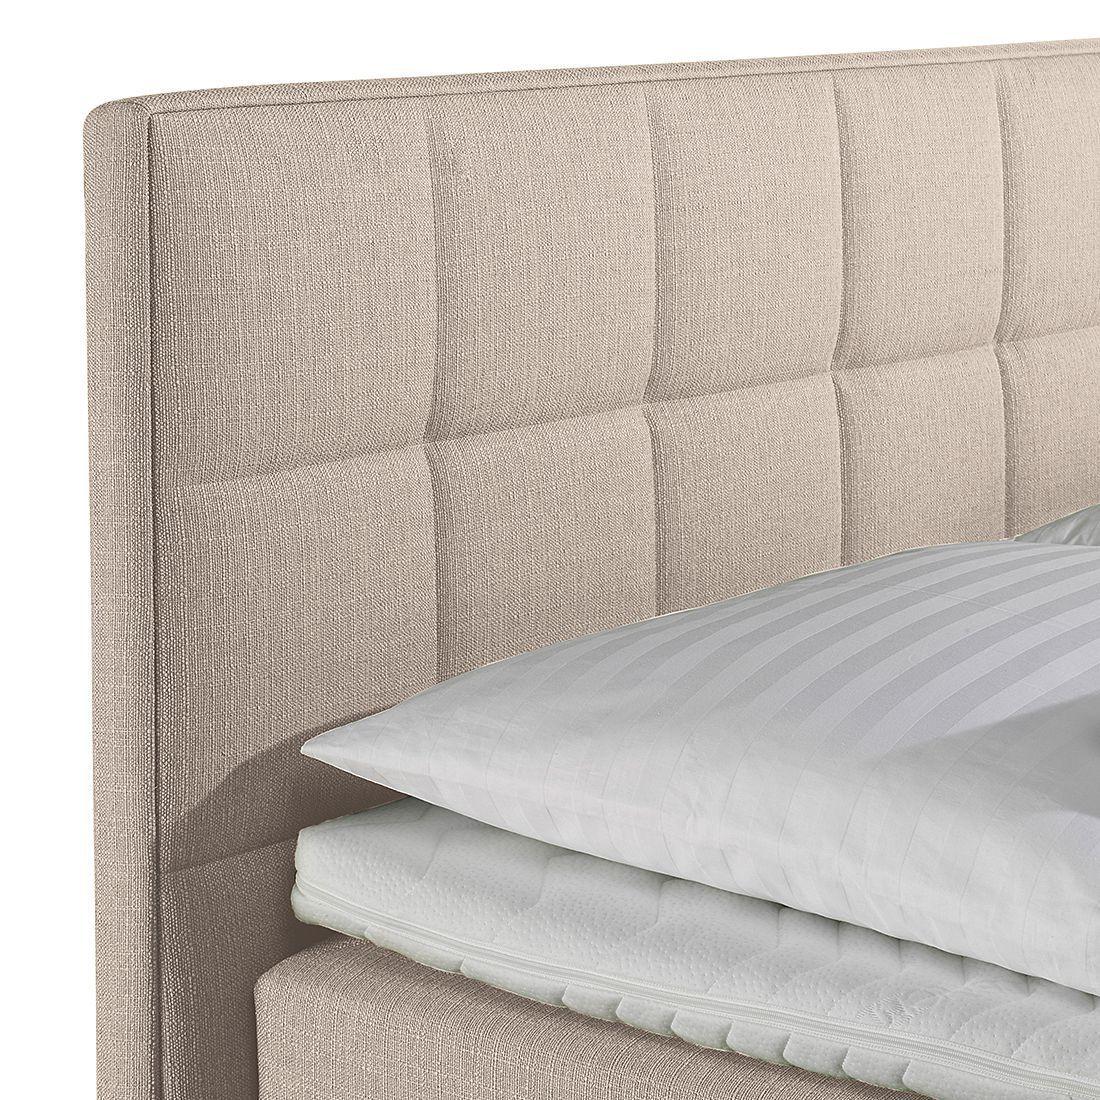 Boxspringbett Tevin In 2020 Box Spring Bed Bed Bed Springs